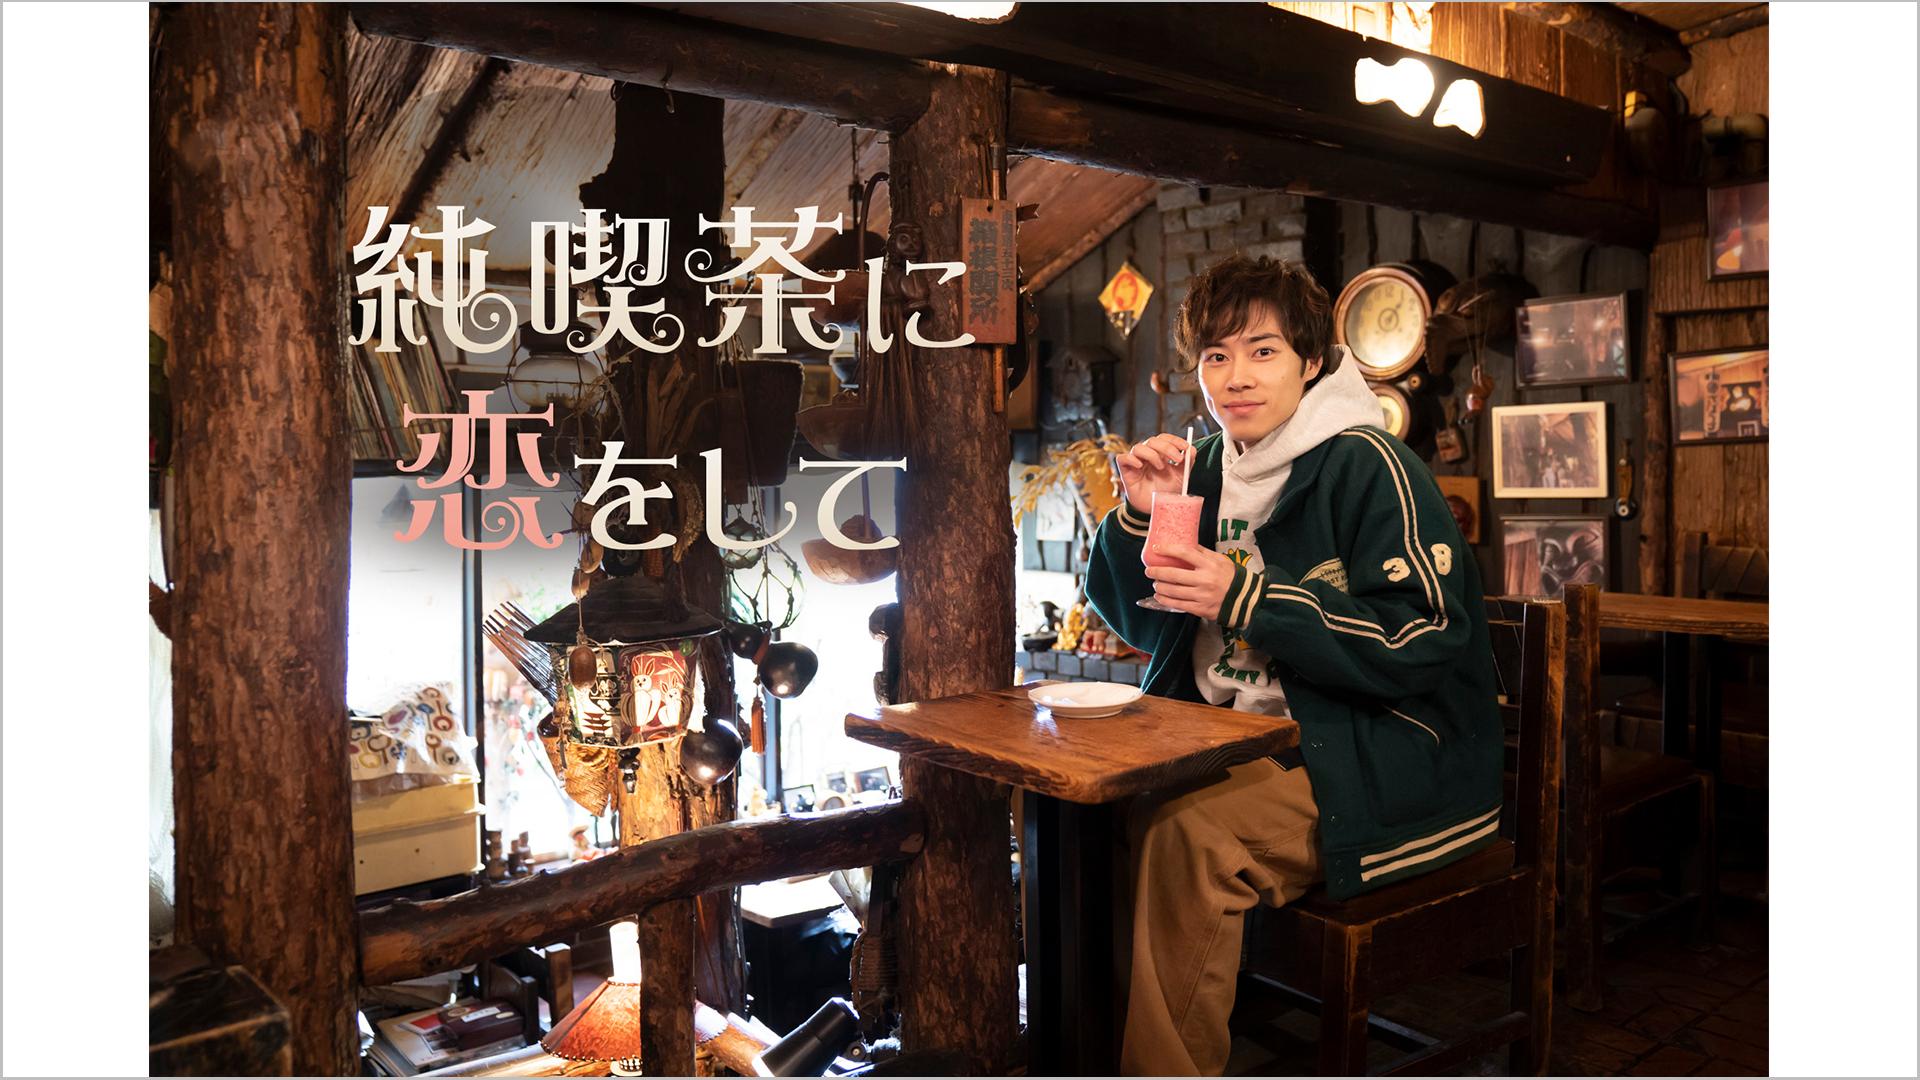 純喫茶に恋をして #7 本郷「金魚坂」